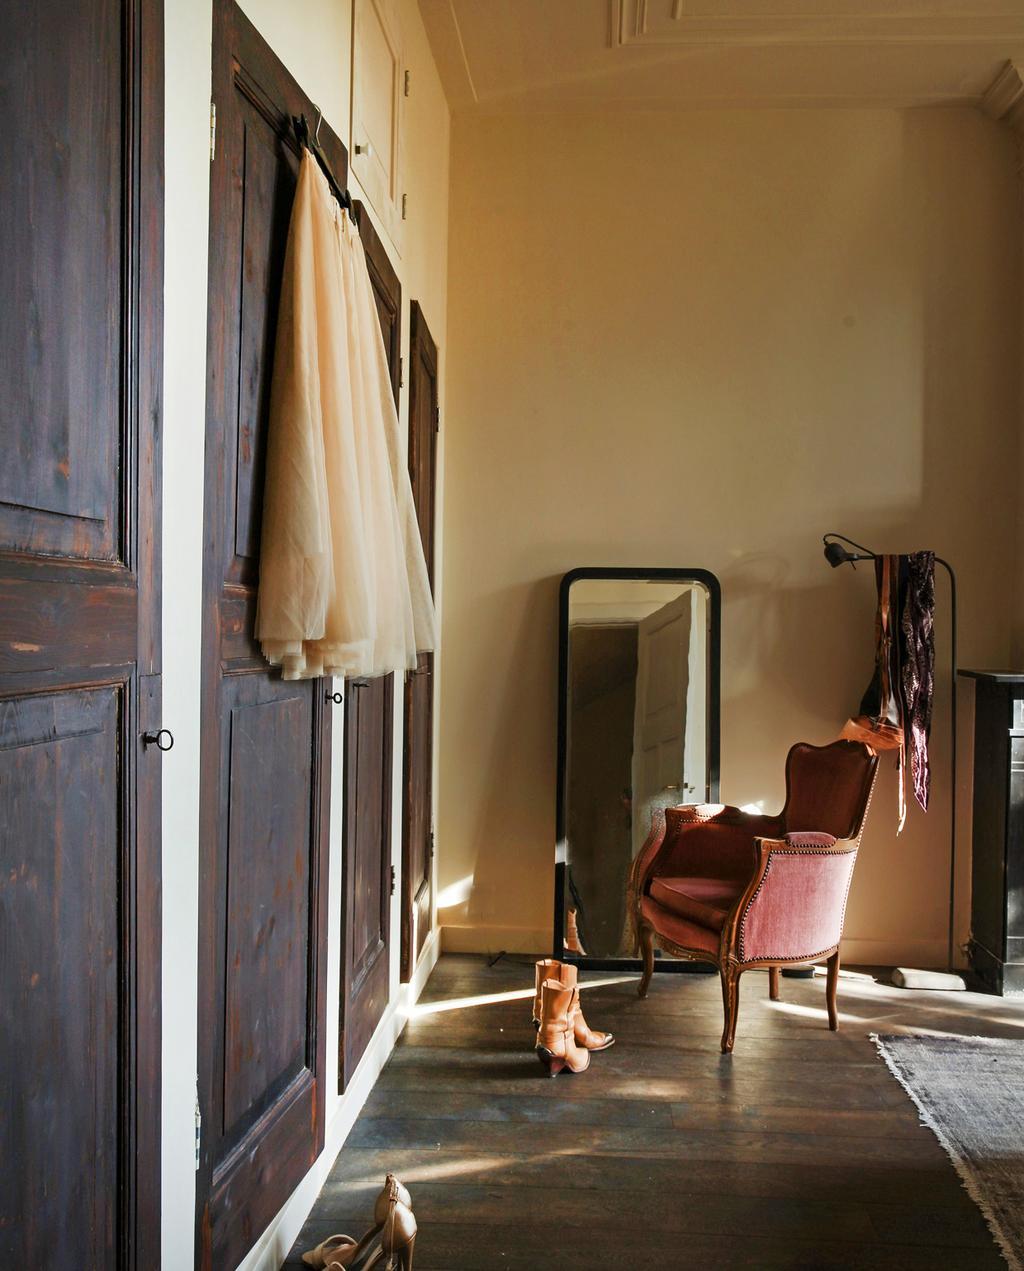 kleedkamer slaapkamer